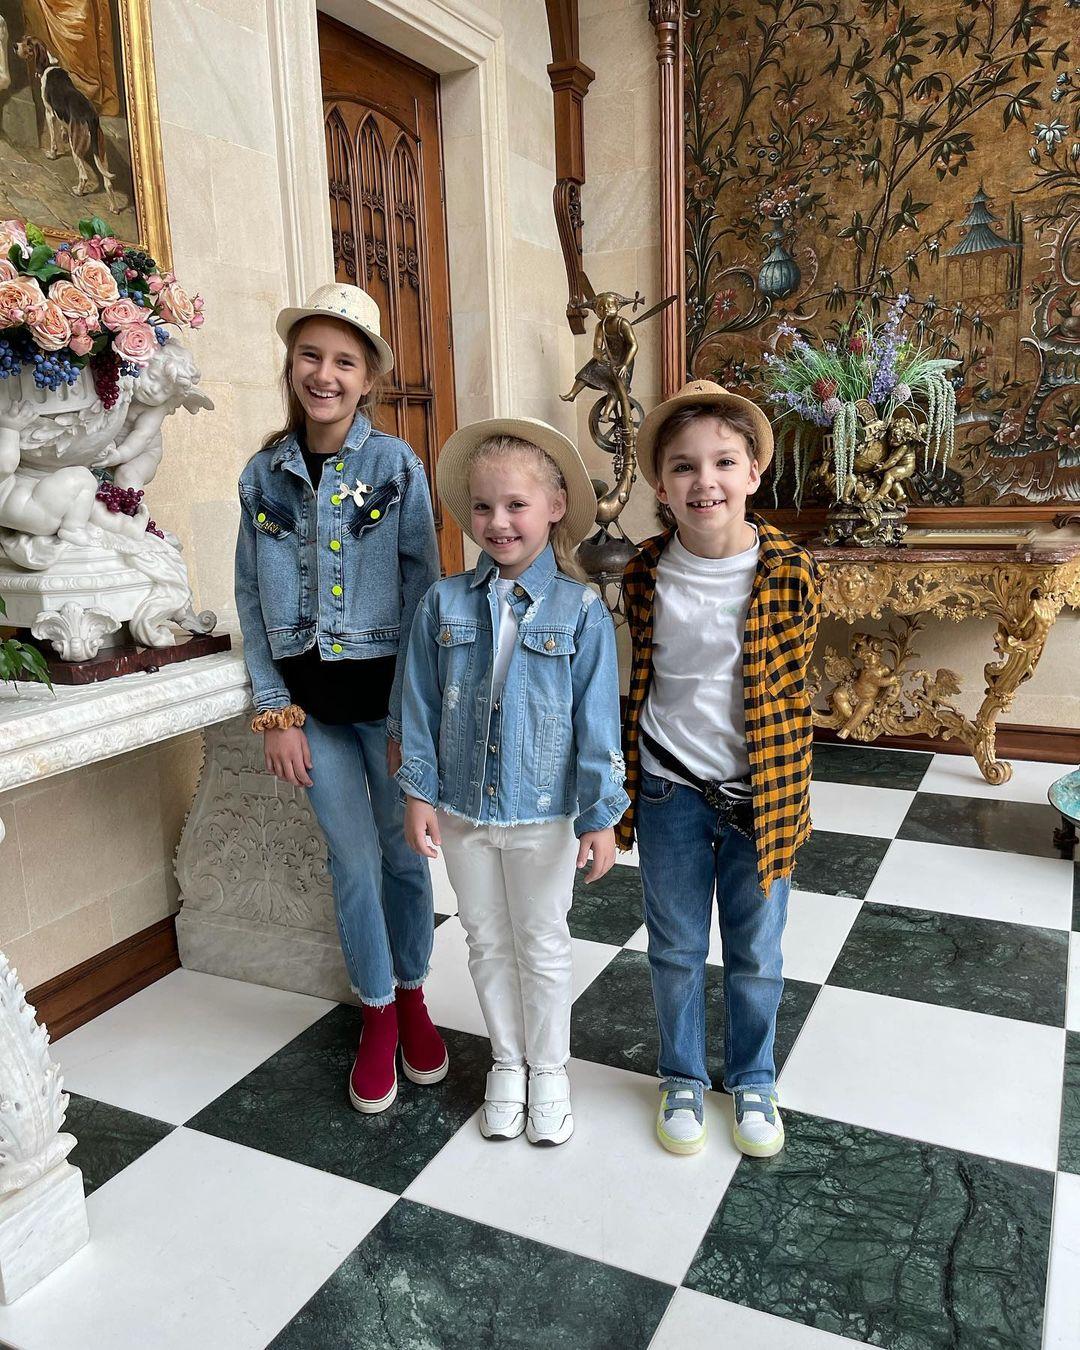 Максим Галкин с детьми и Алла Пугачёва с внучкой пришли на торжественную линейку в школу